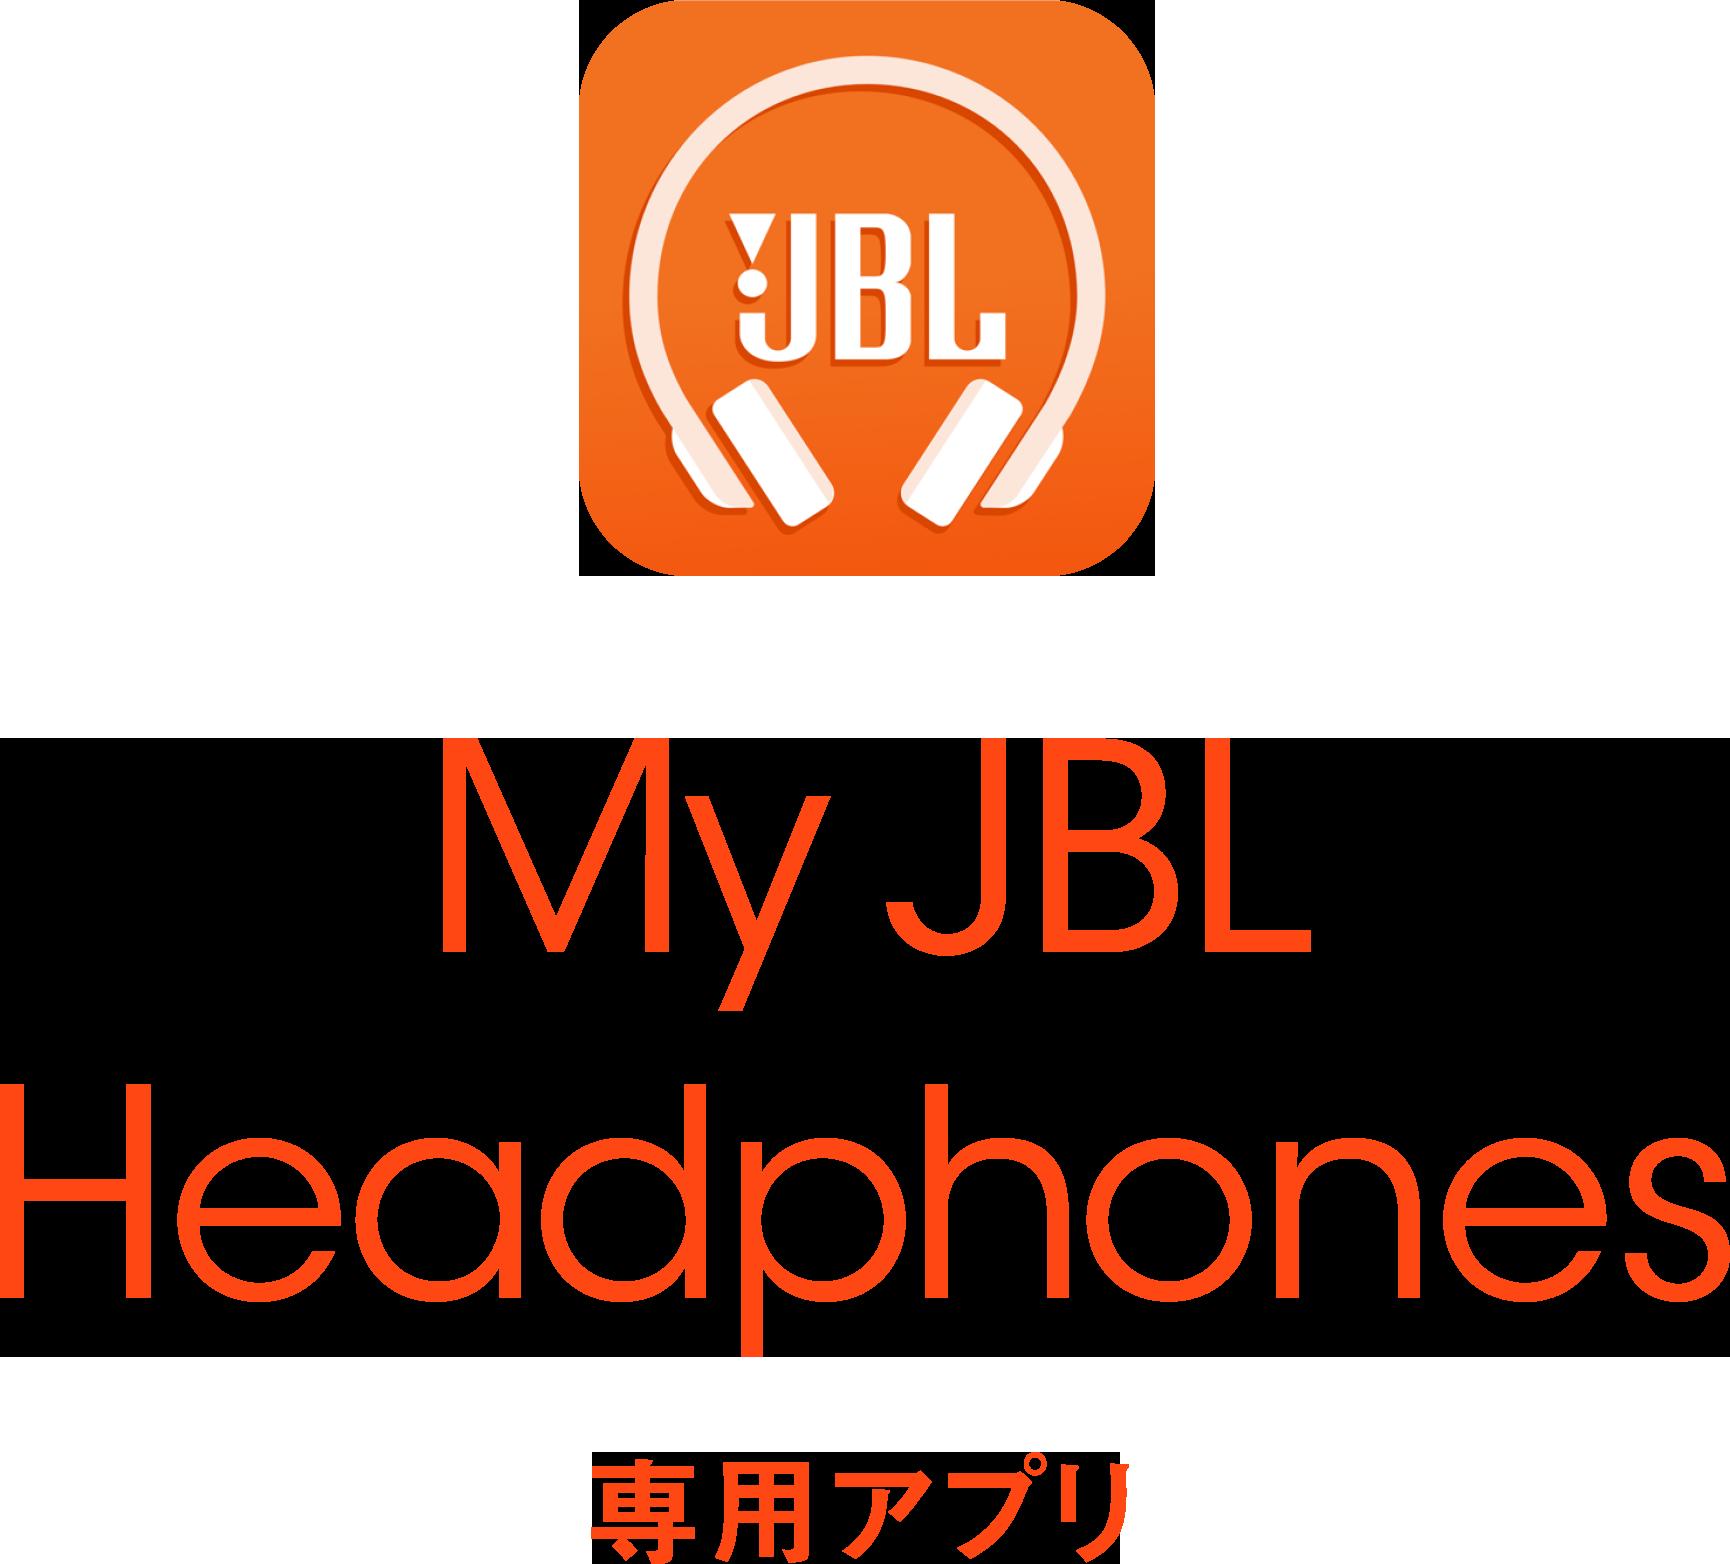 My JBL Headphones - 専用アプリ